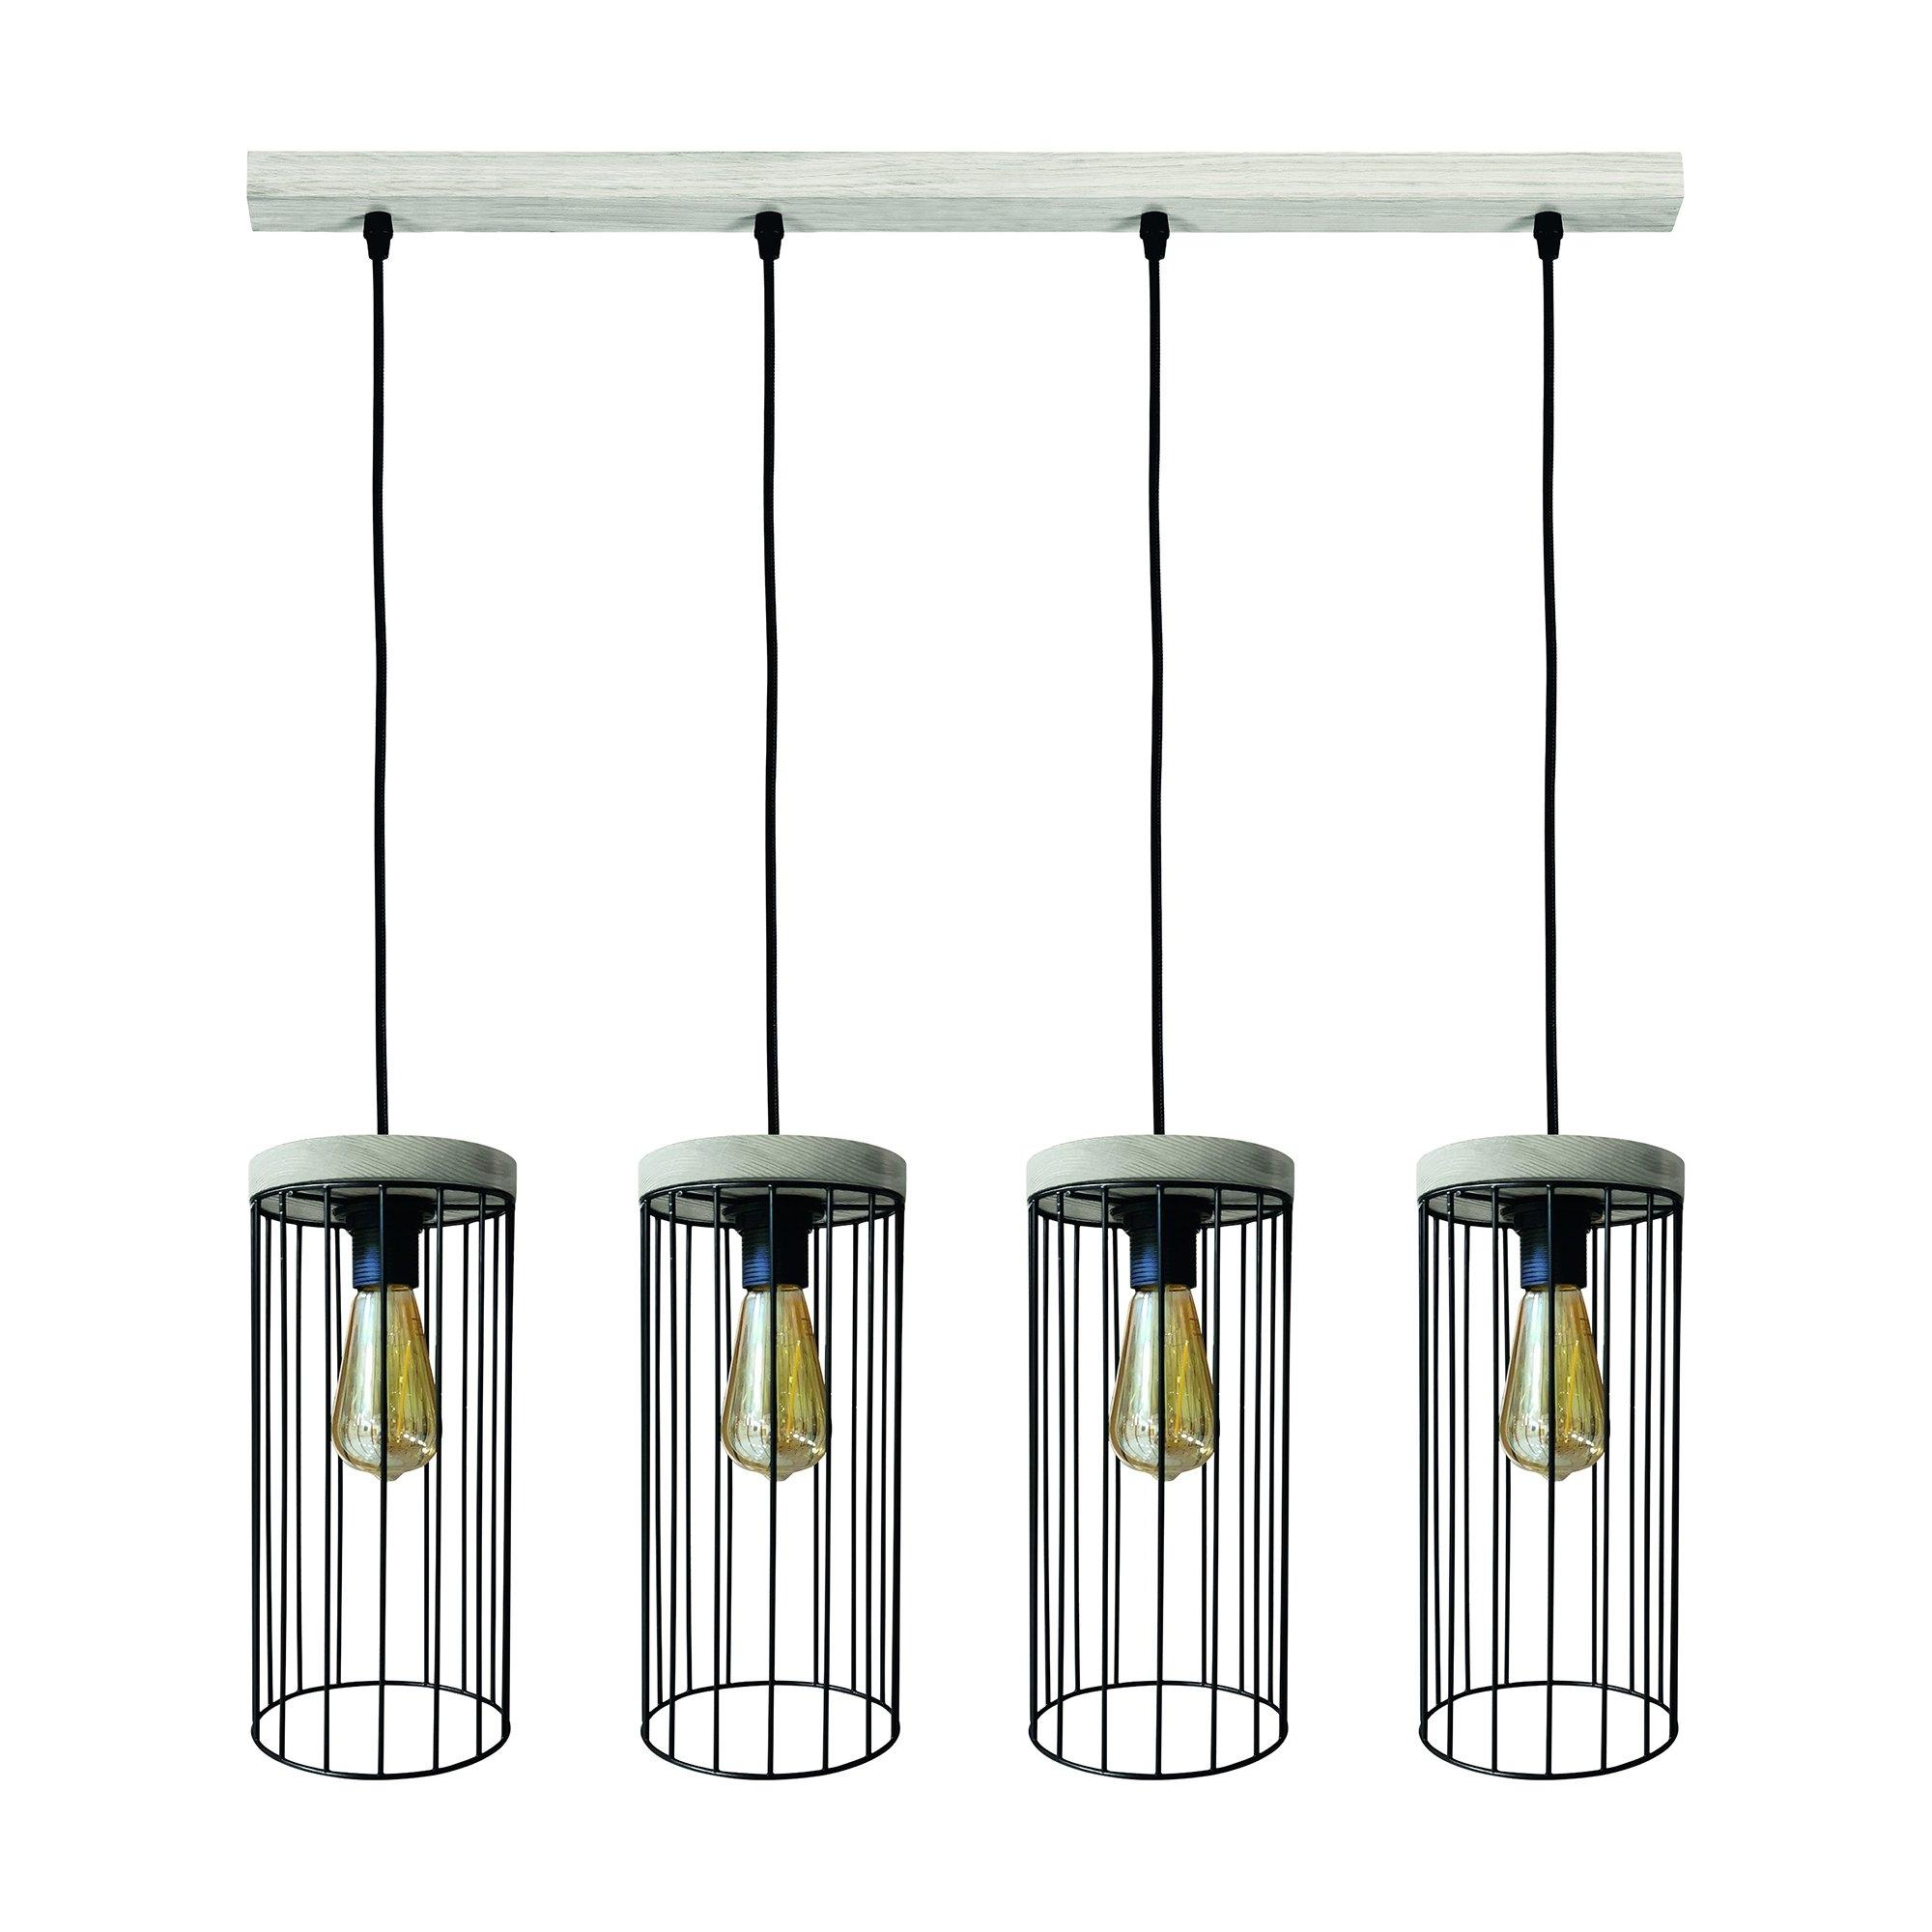 BRITOP LIGHTING hanglamp »TIMEO WOOD MAX« veilig op otto.nl kopen